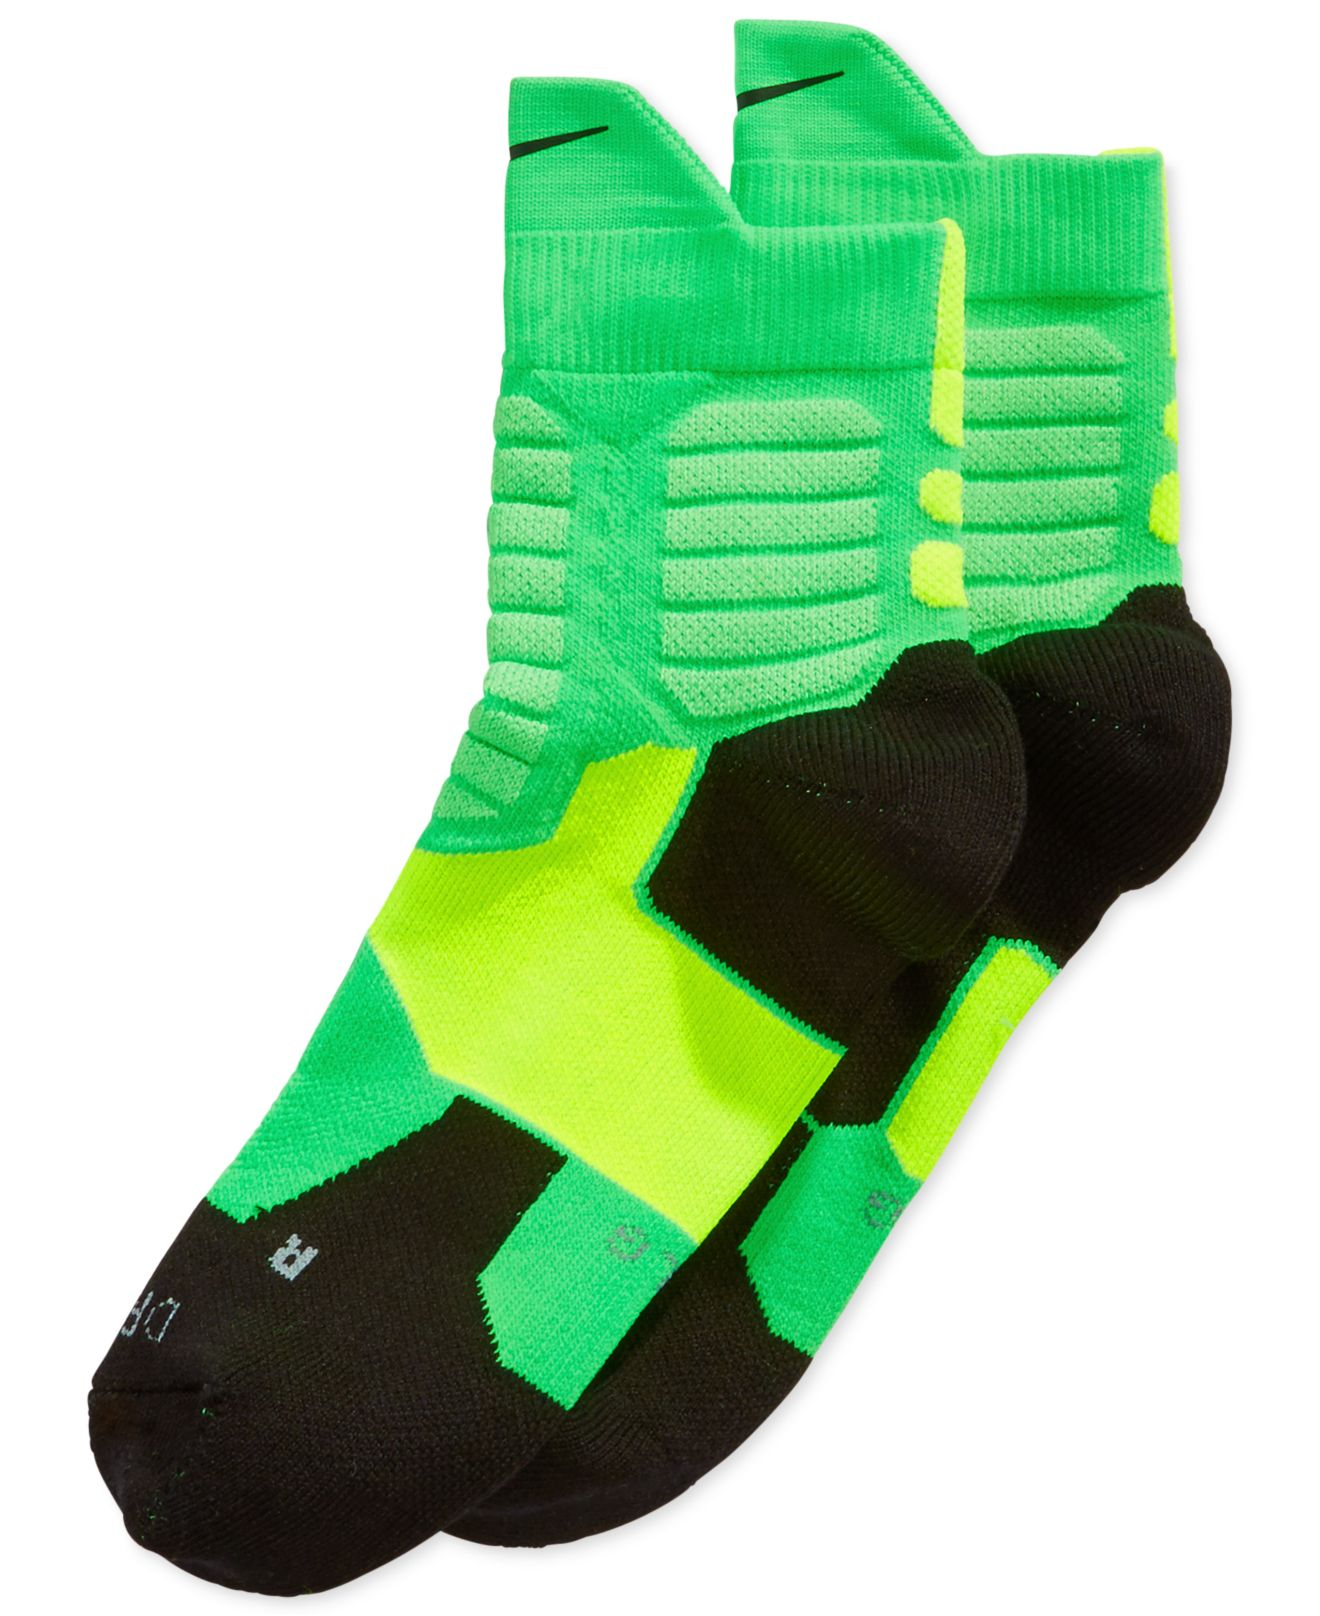 Nike Kd Hyper Elite High Quarter Basketball Socks in Green ...